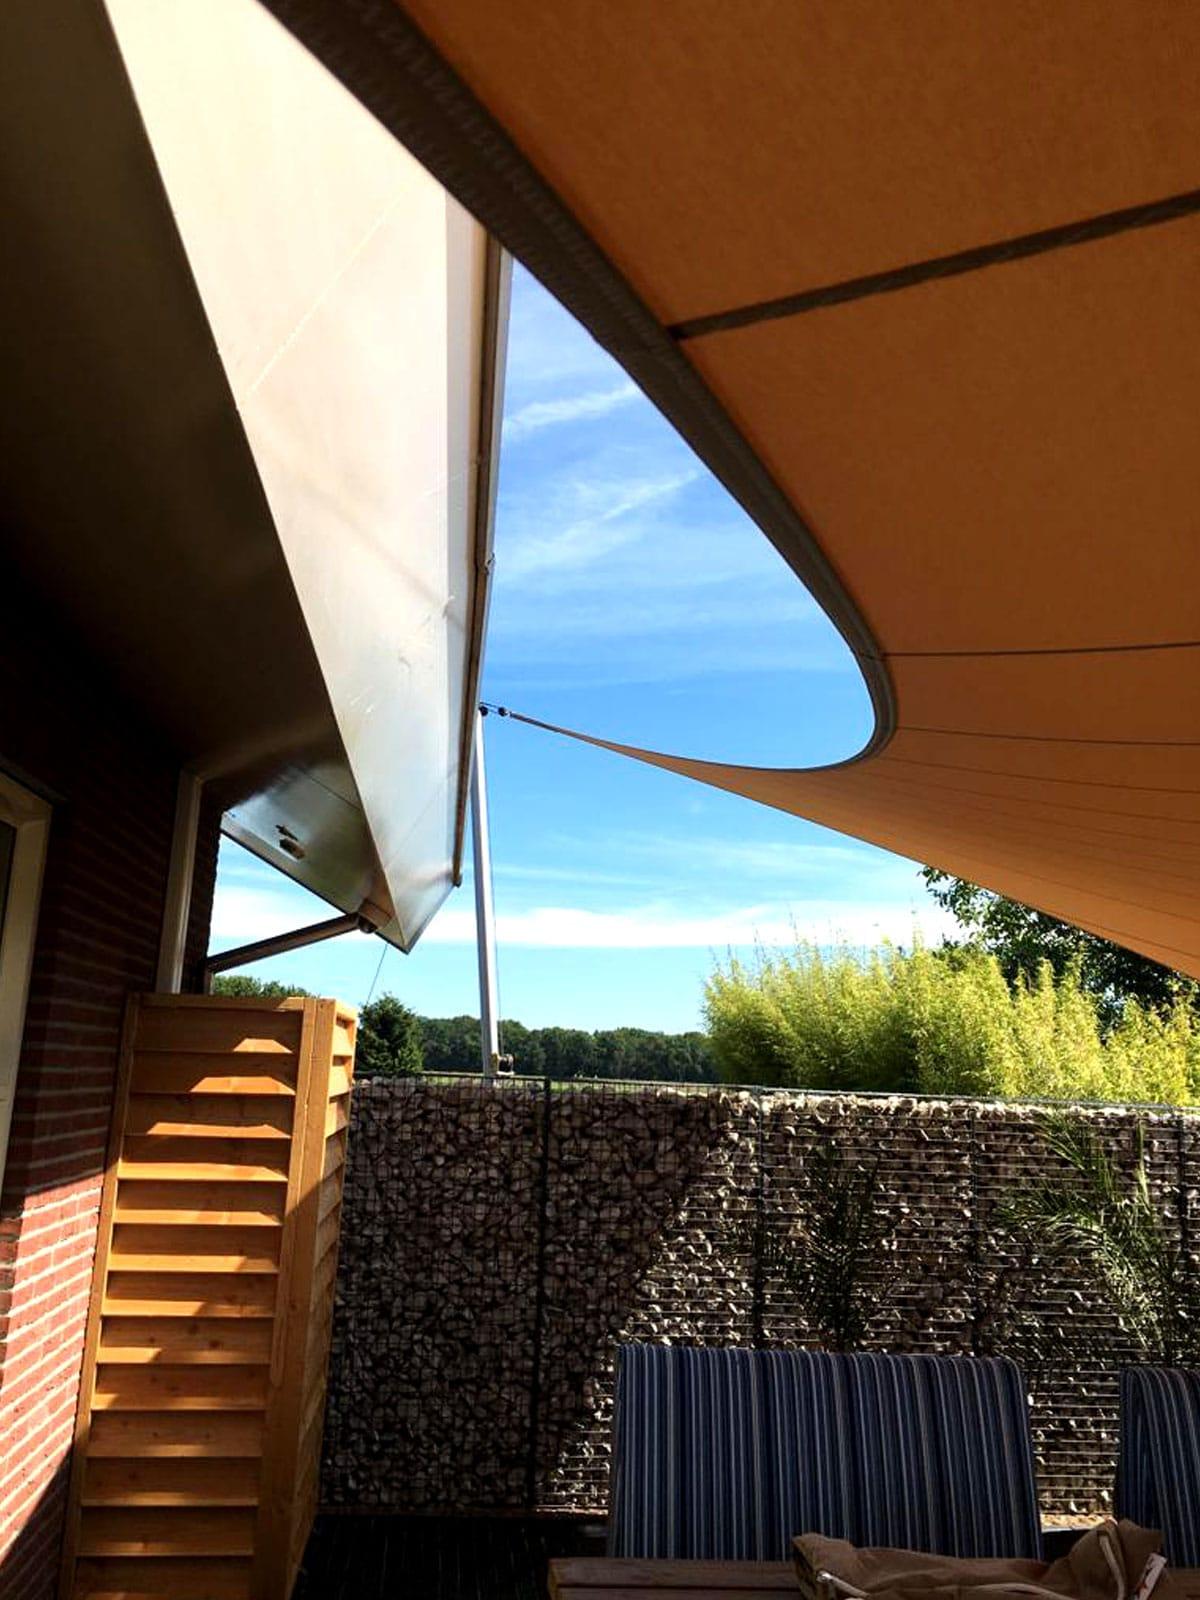 design-zonwering-design-Texstyleroofs-zonwering-zonnezeil-op-maat-schaduwdoek-zeildoek-carport-terrasoverkapping-stormvast